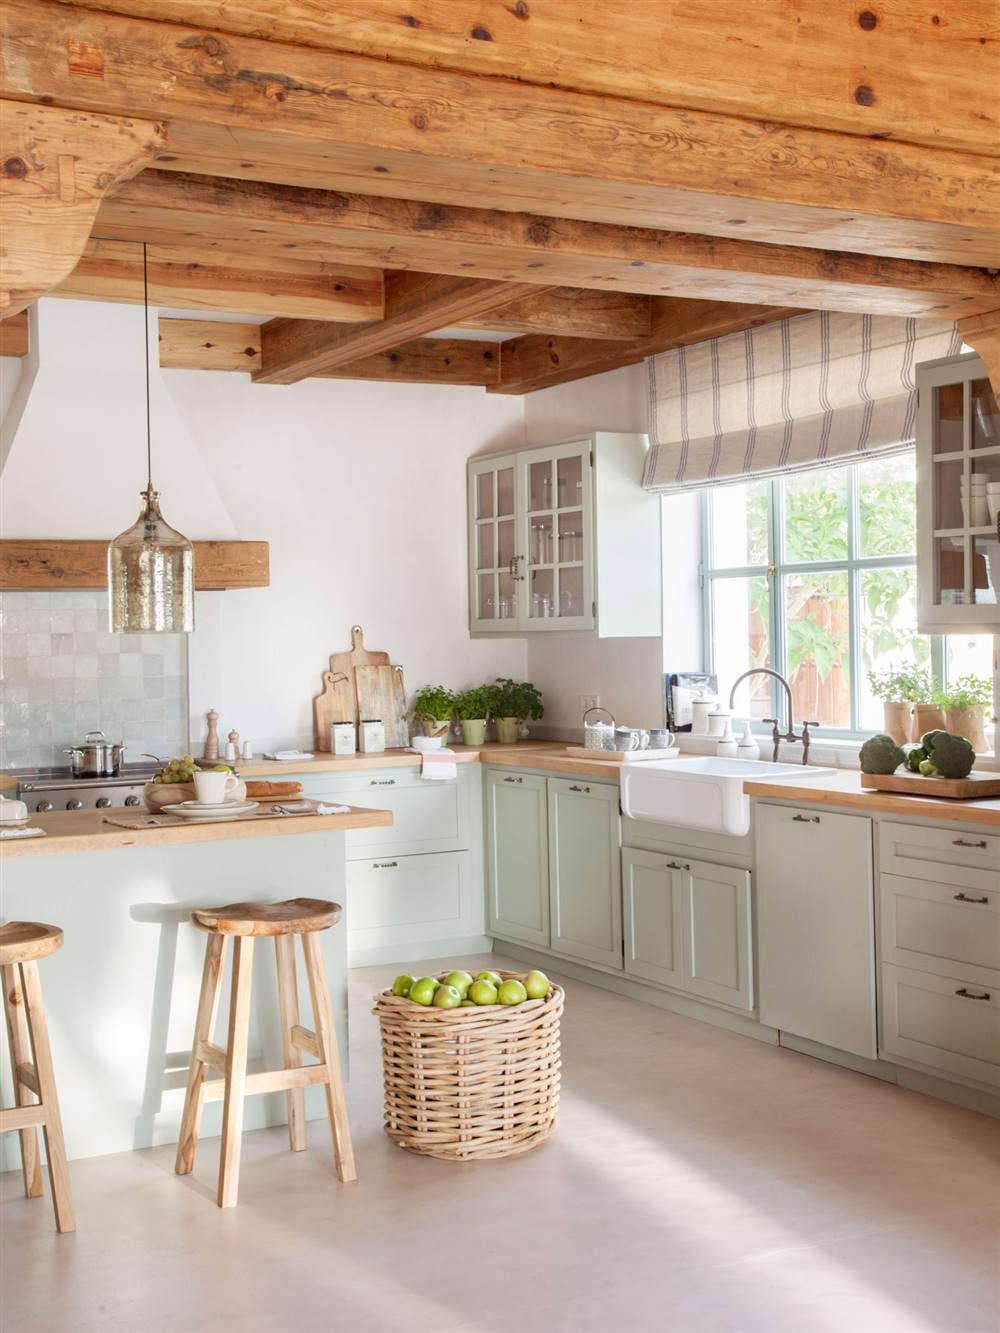 3521 fotos de cocinas - Encimera de madera para cocina ...